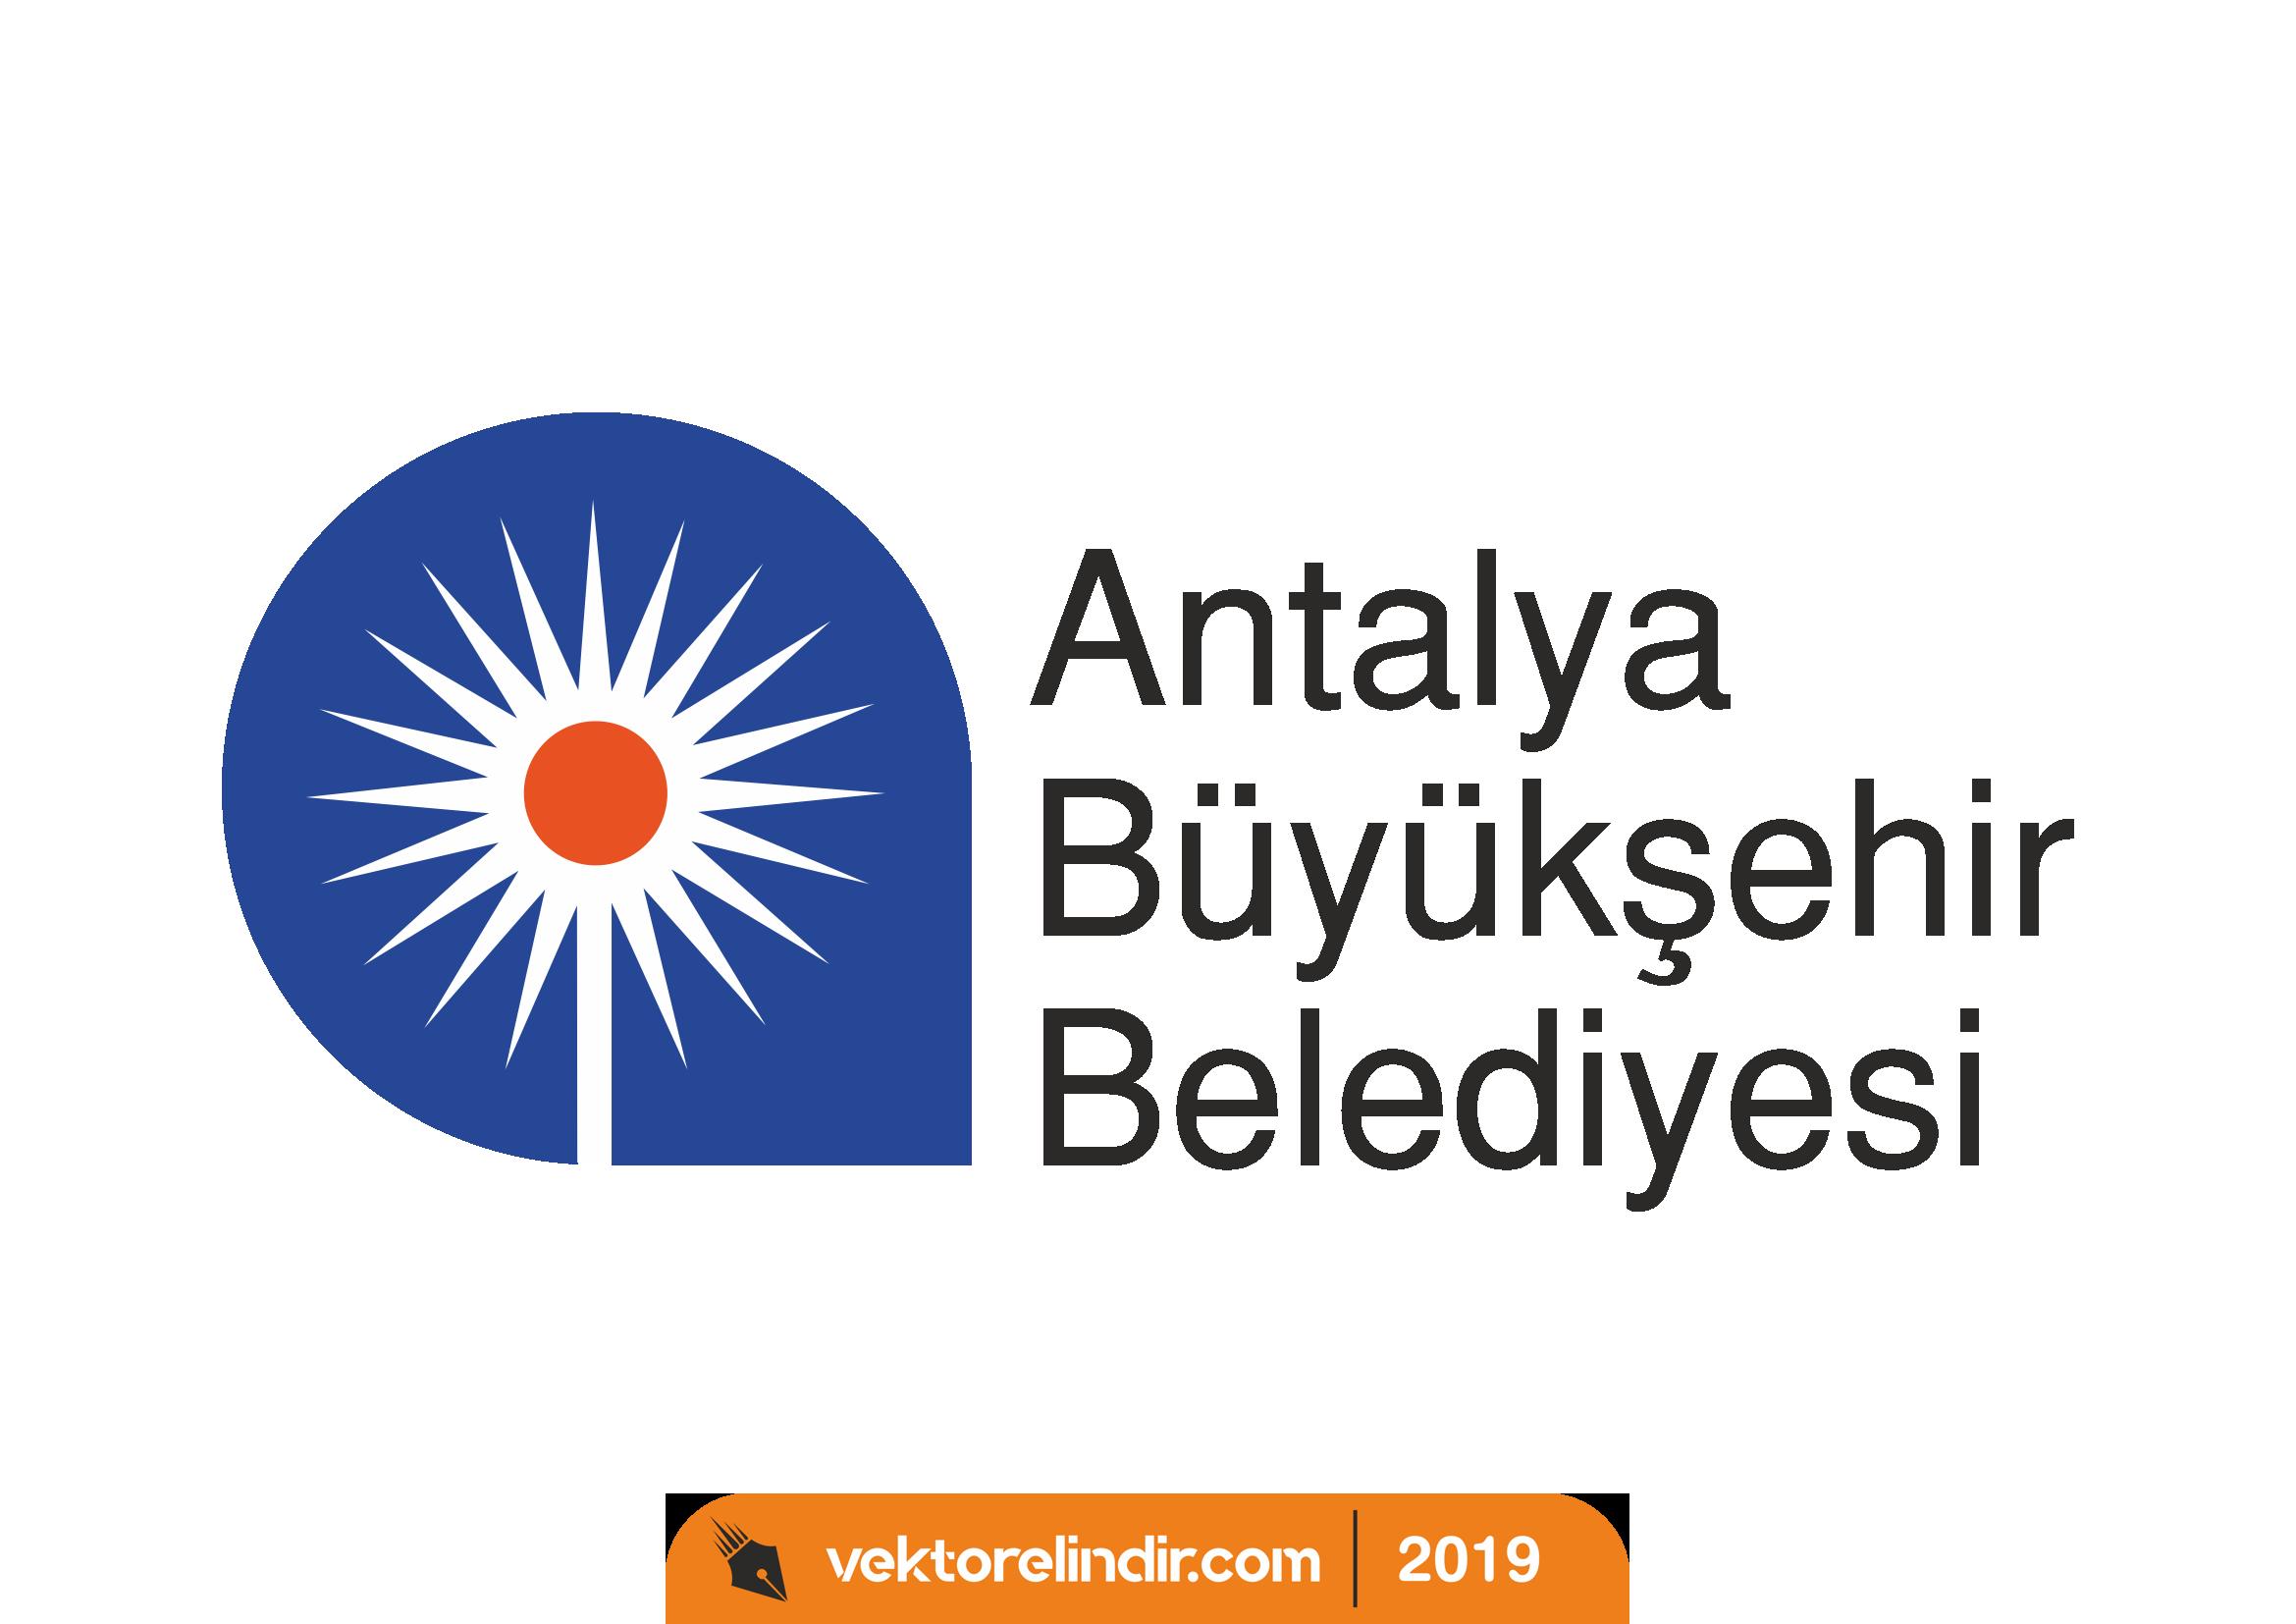 Antalya Büyükşehir Belediyesi Logo, Amblem